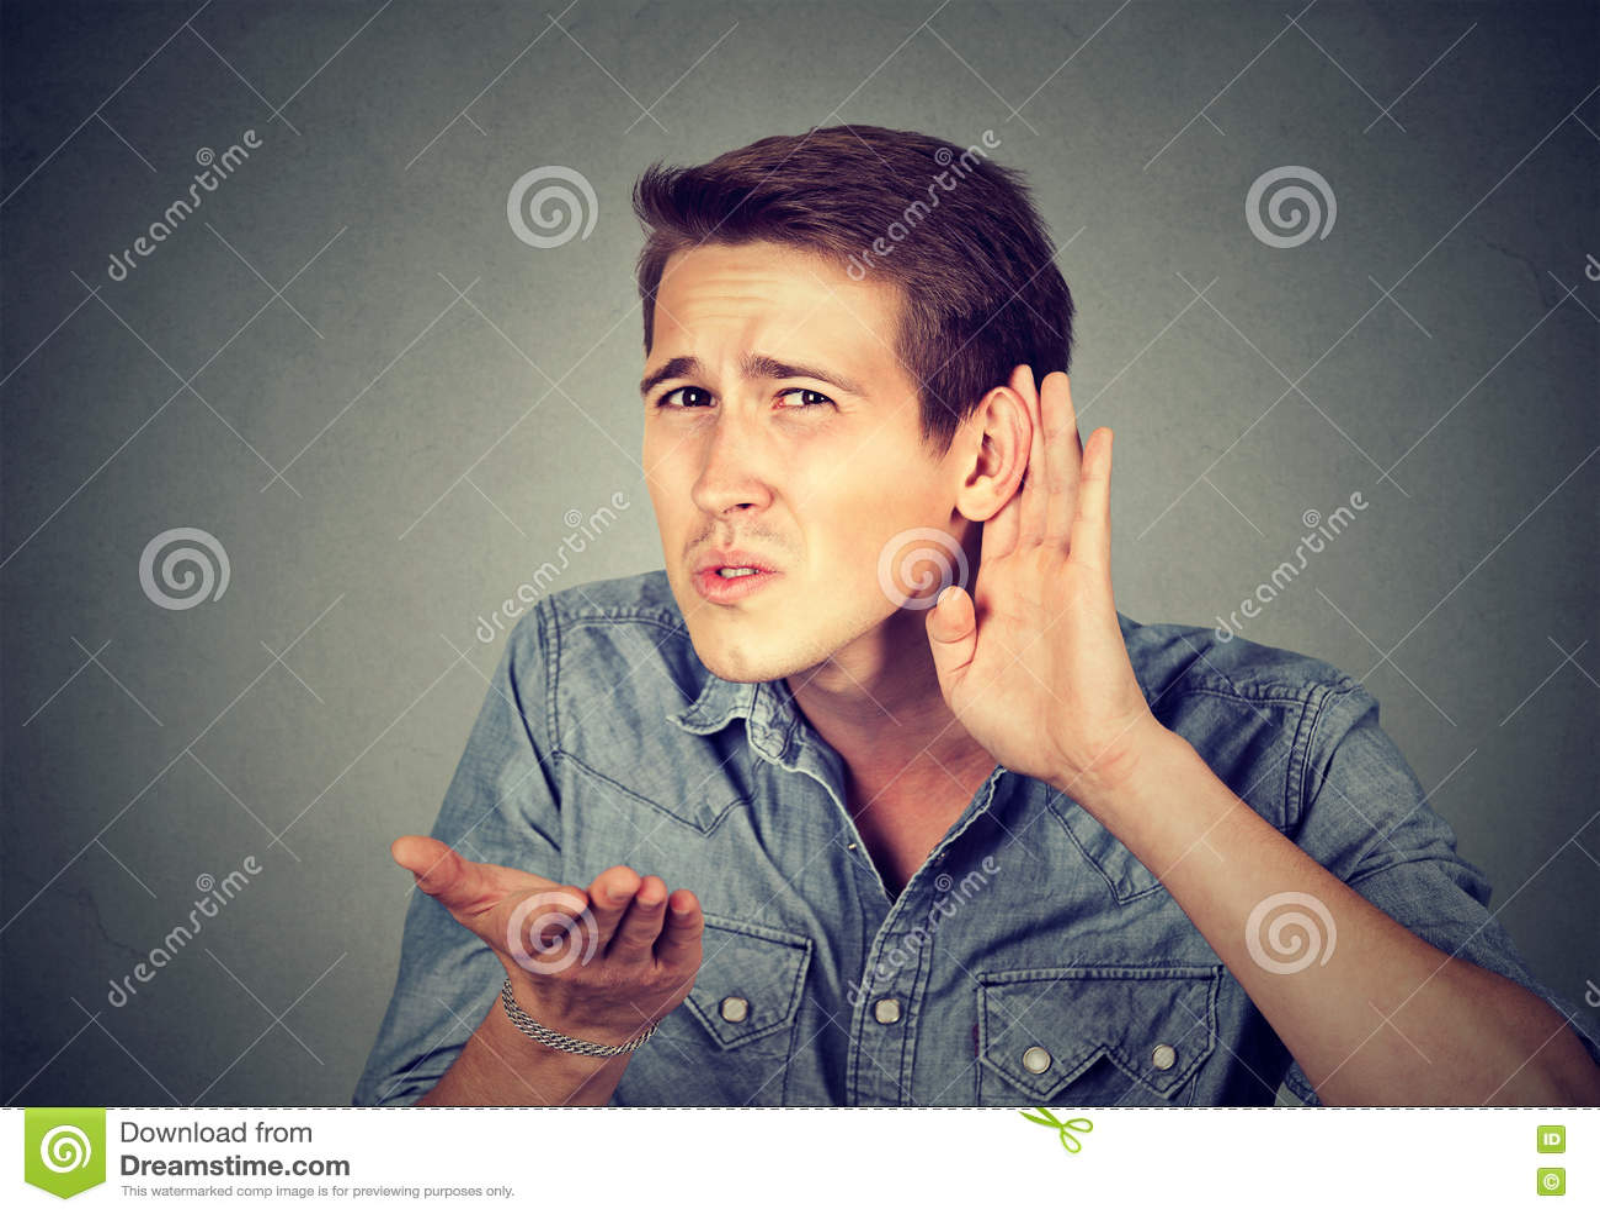 Homem com deficiência auditiva que coloca a mão na orelha que pede que alguém fale acima